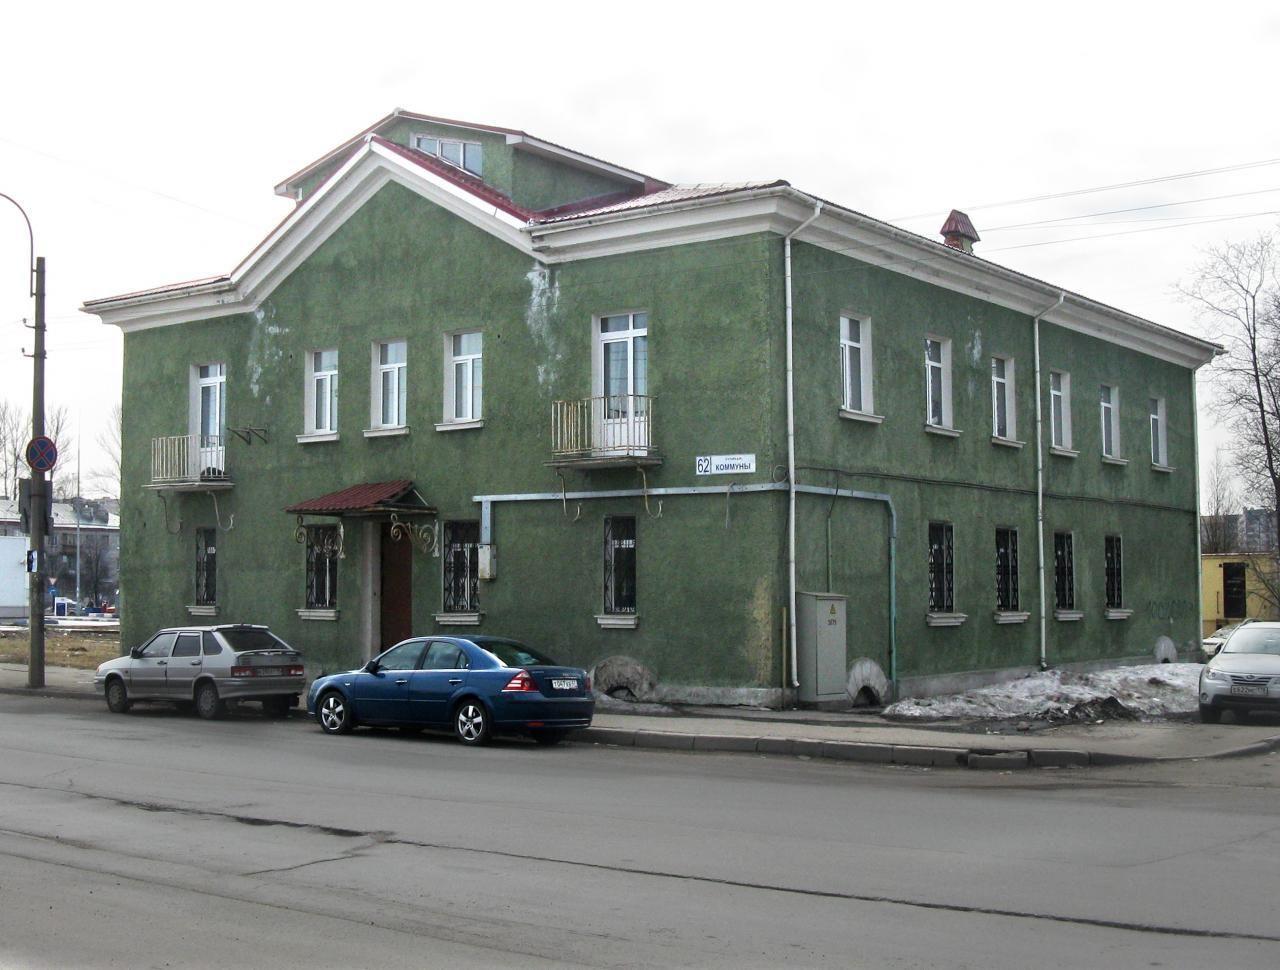 Коммуны 62 аренда офиса коммерческая недвижимость иркутск улица ржанова